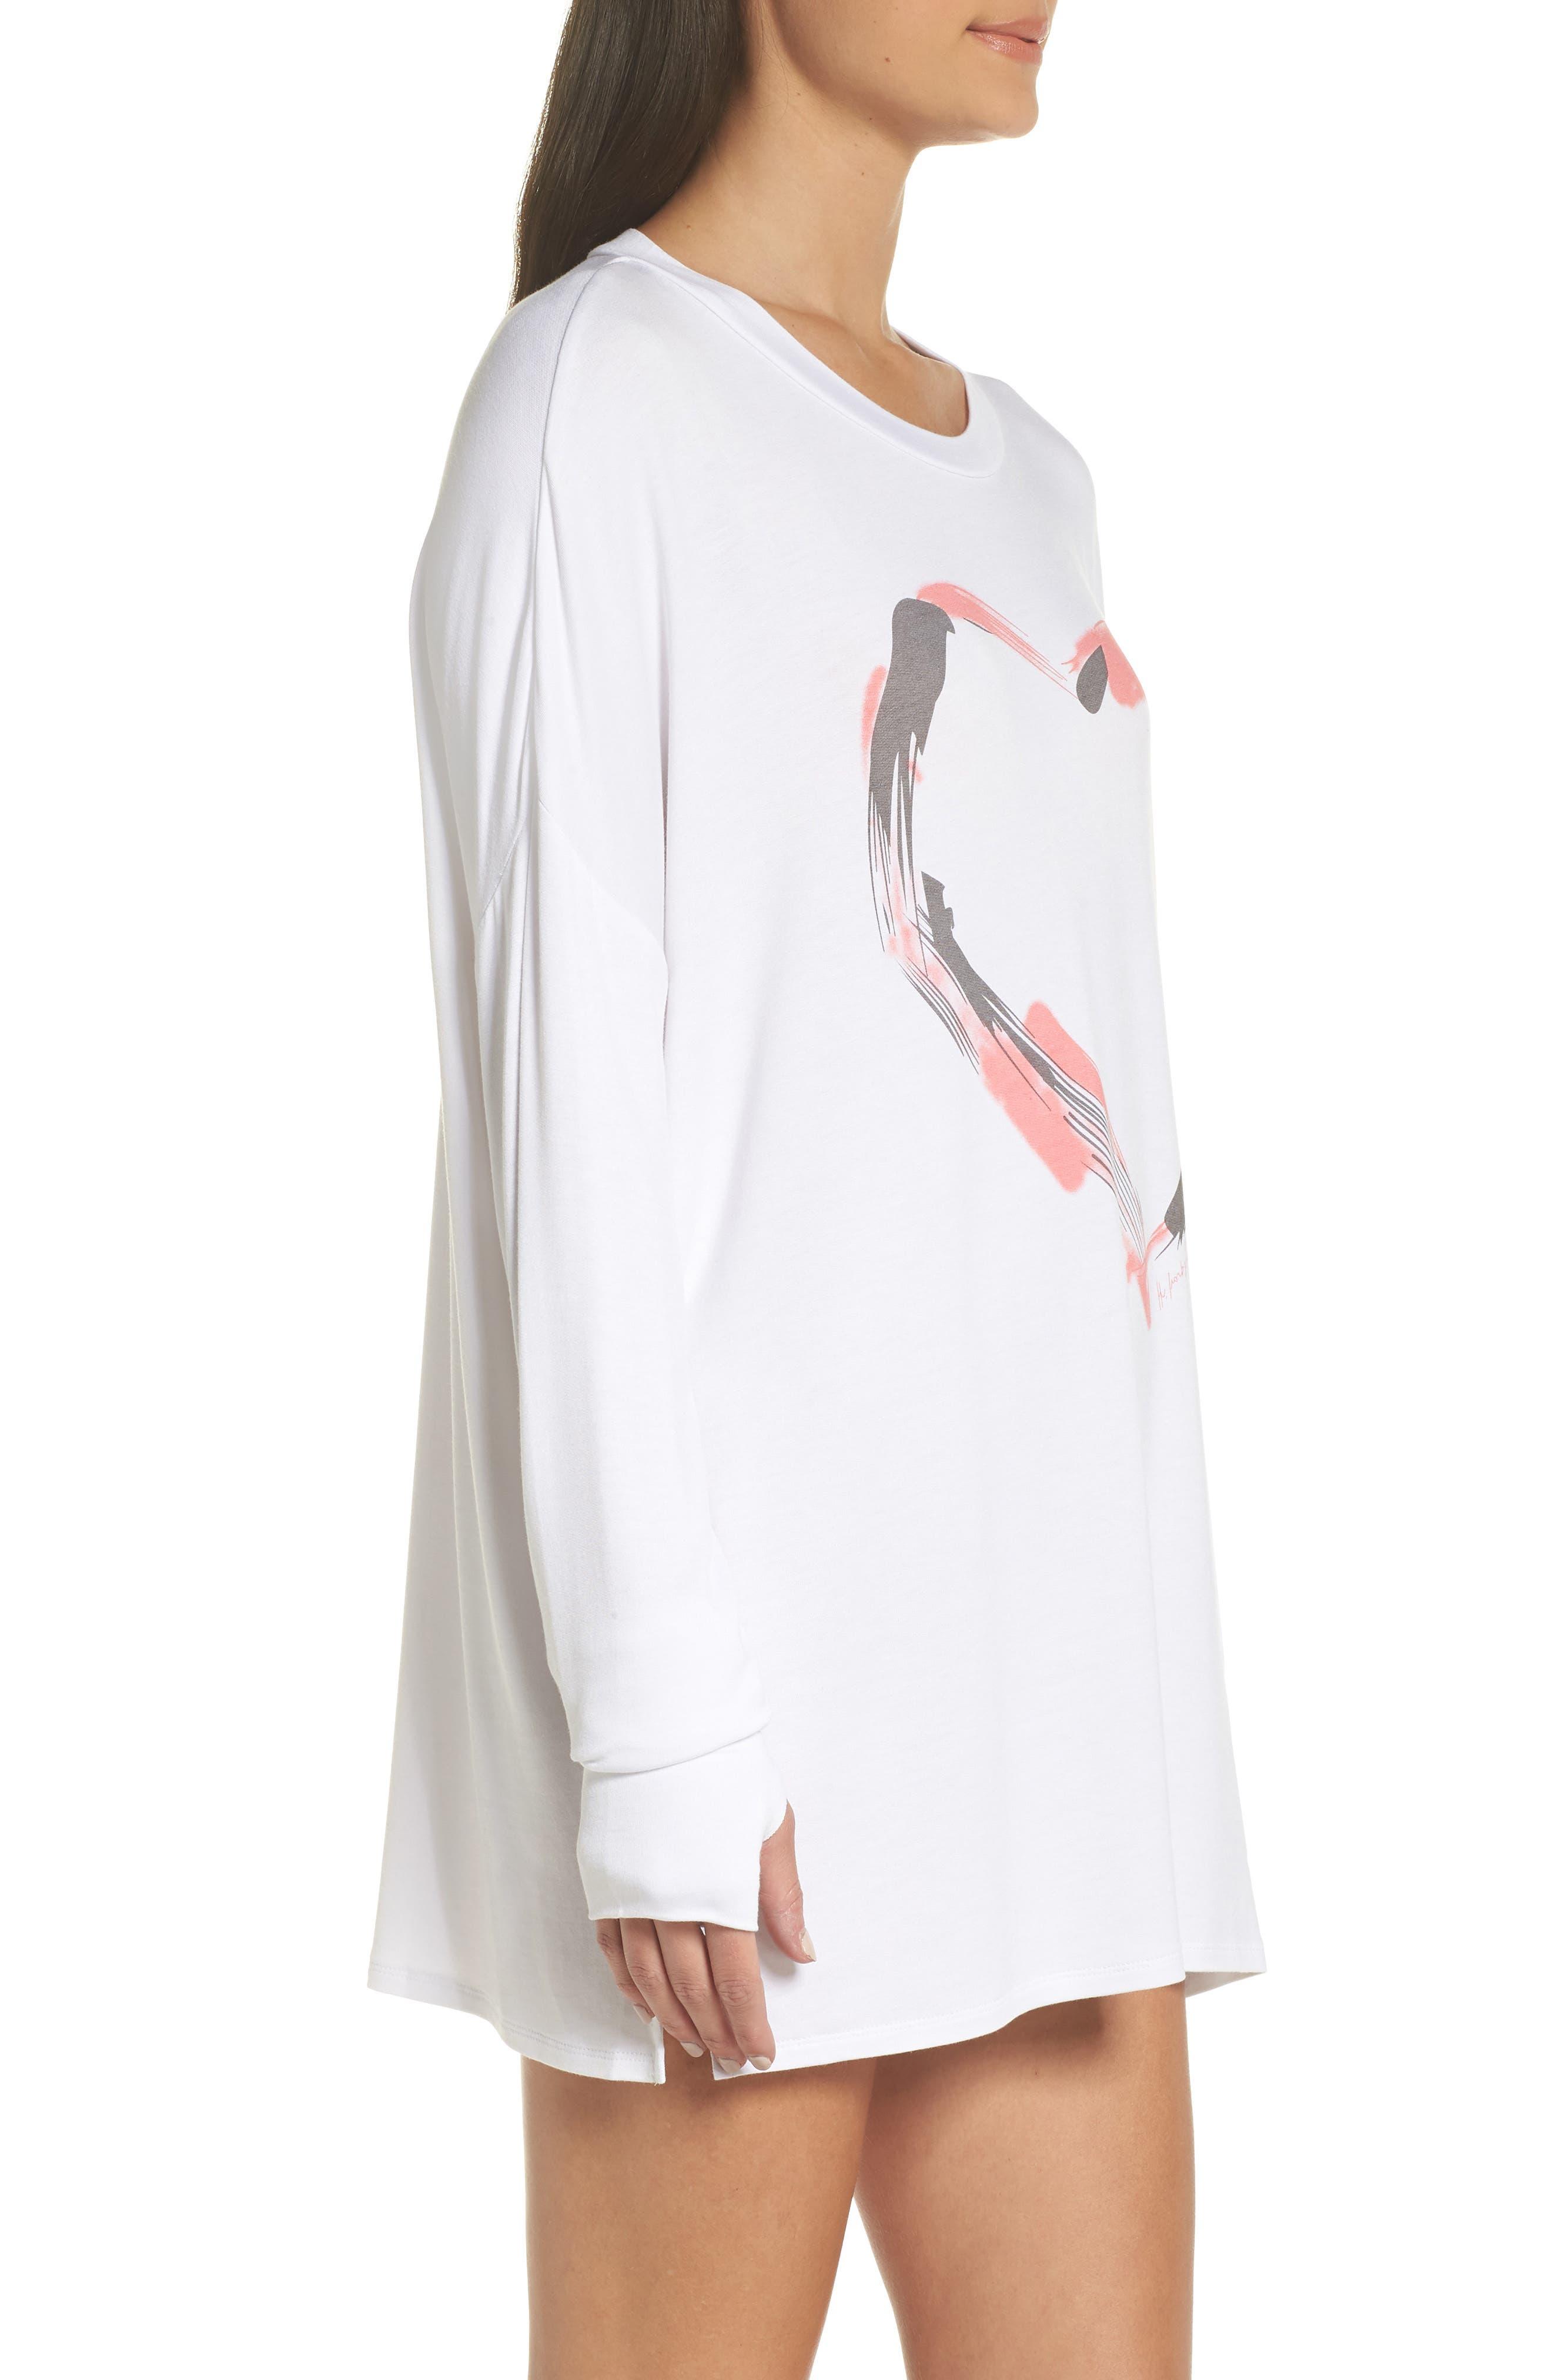 Heart Strokes Sleep Shirt,                             Alternate thumbnail 3, color,                             WHITE